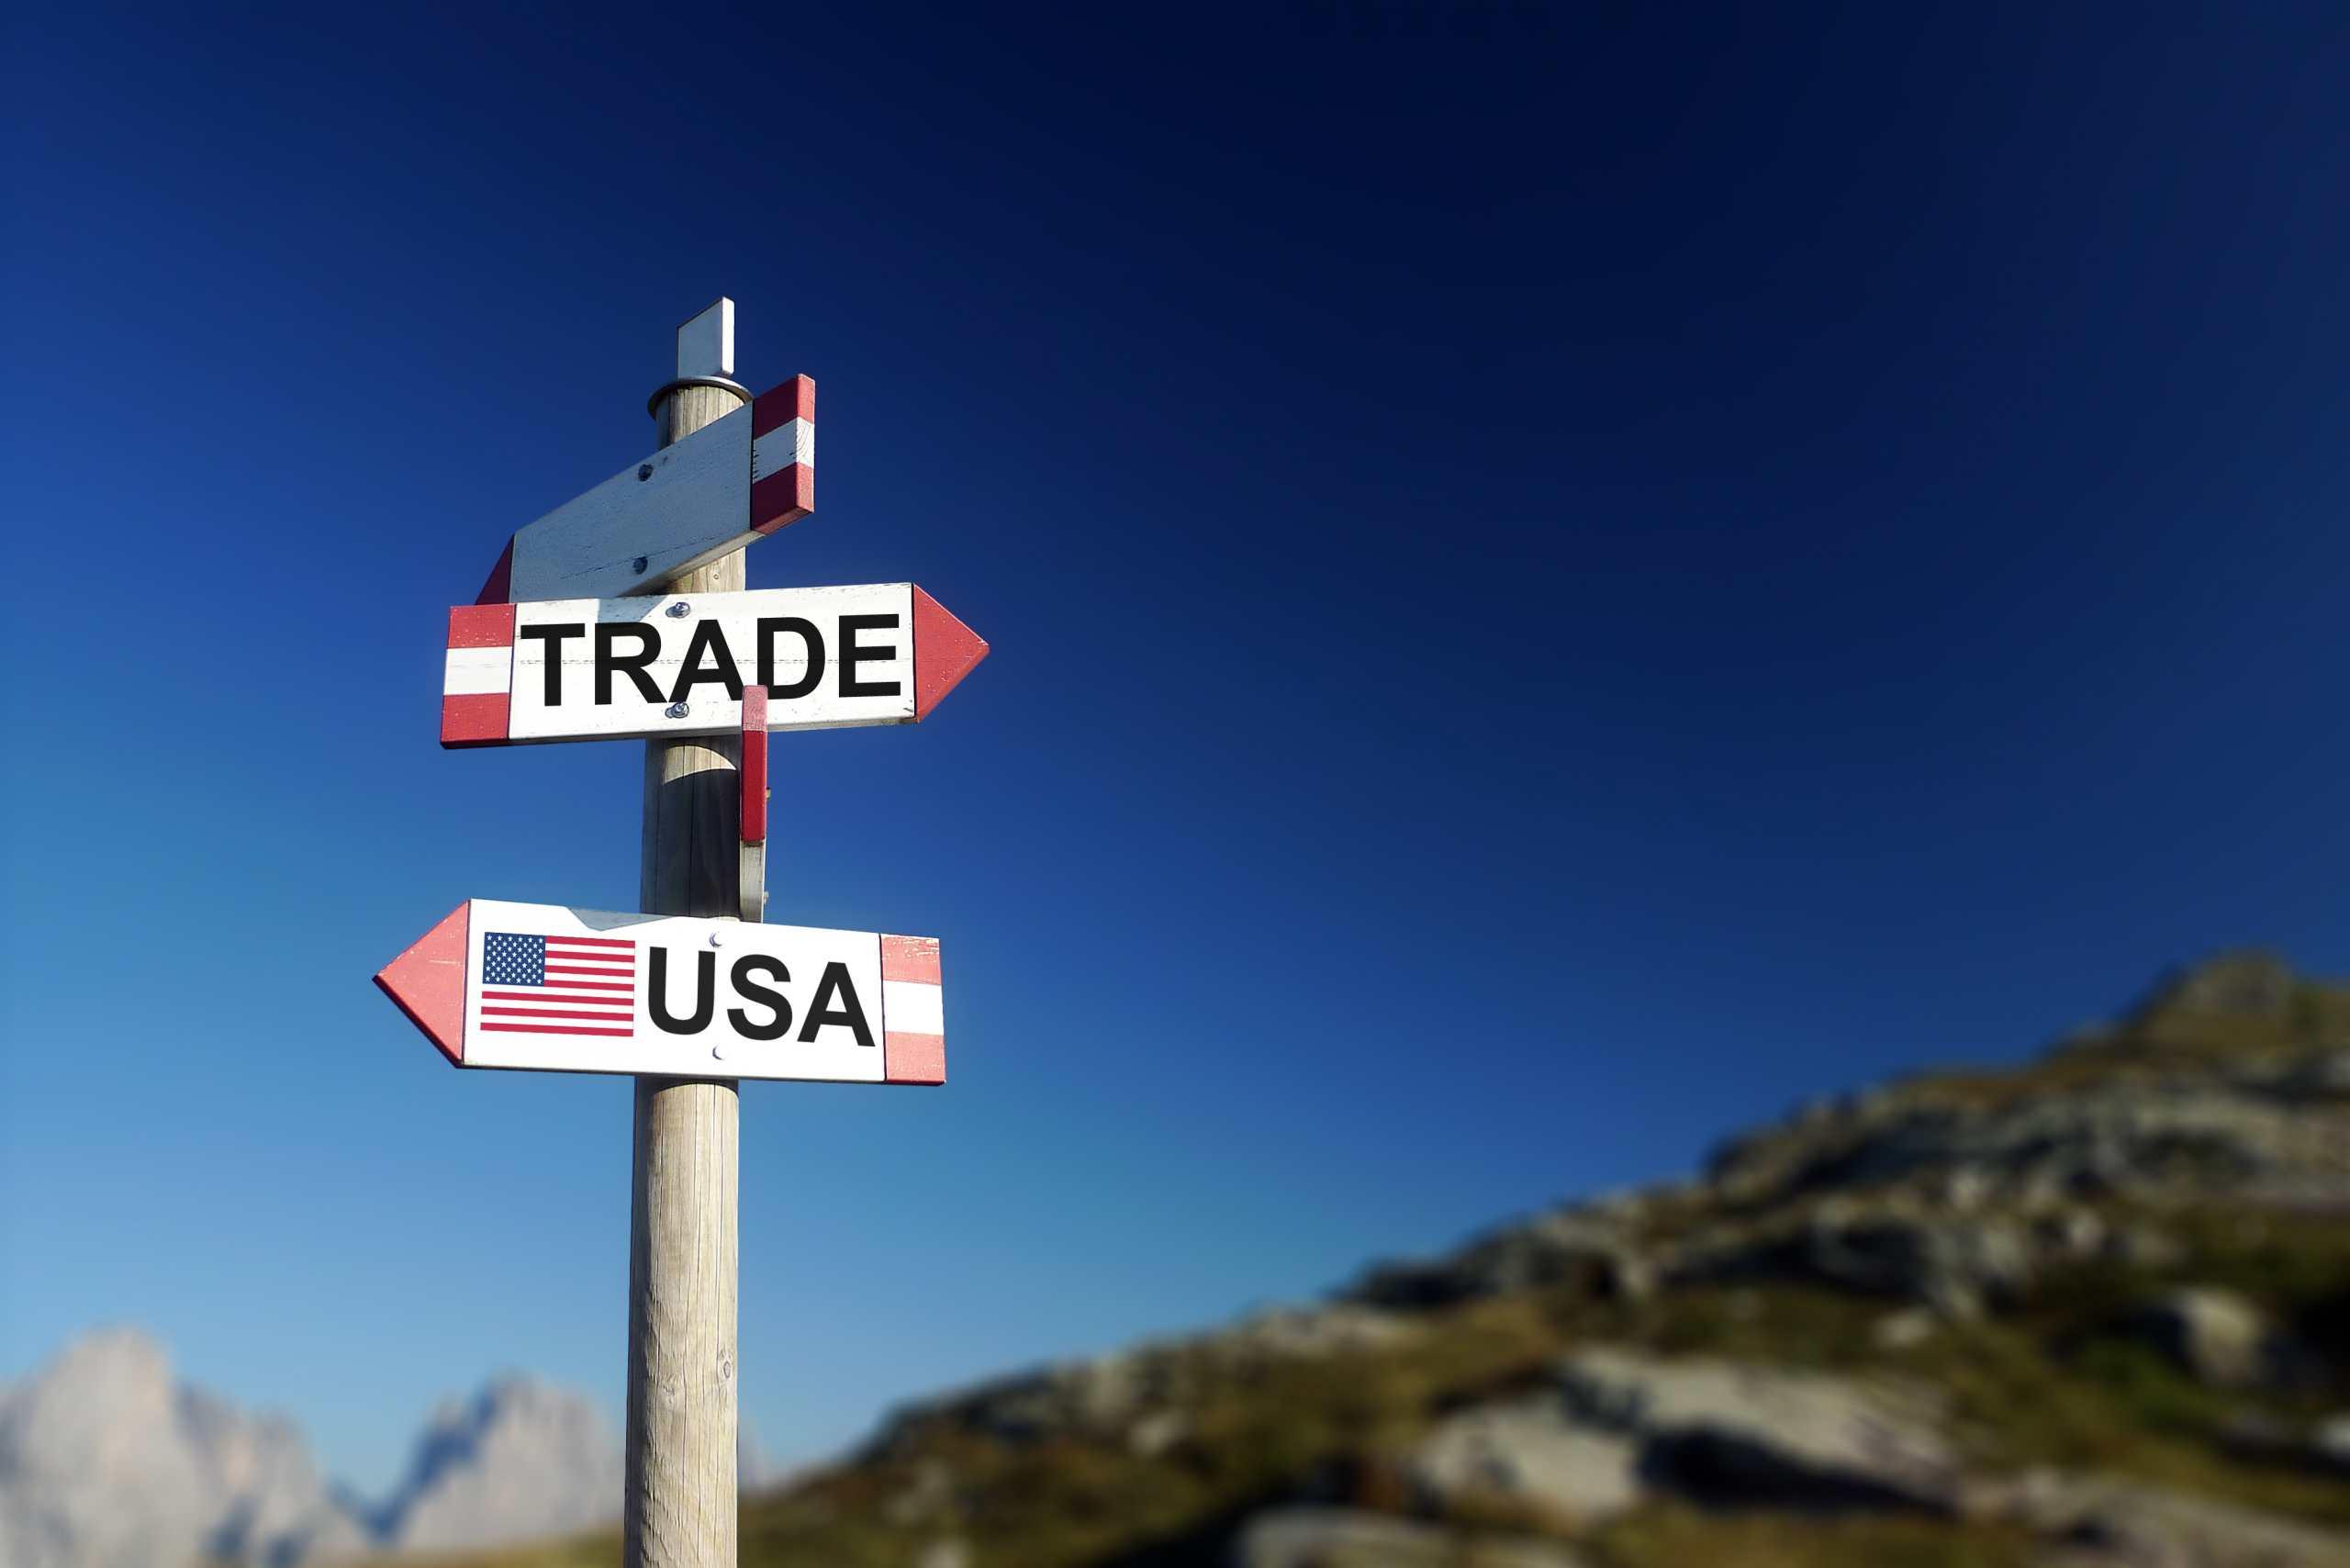 Wegweiser zeigt Handel und USA in unterschiedlichen Richtungen an